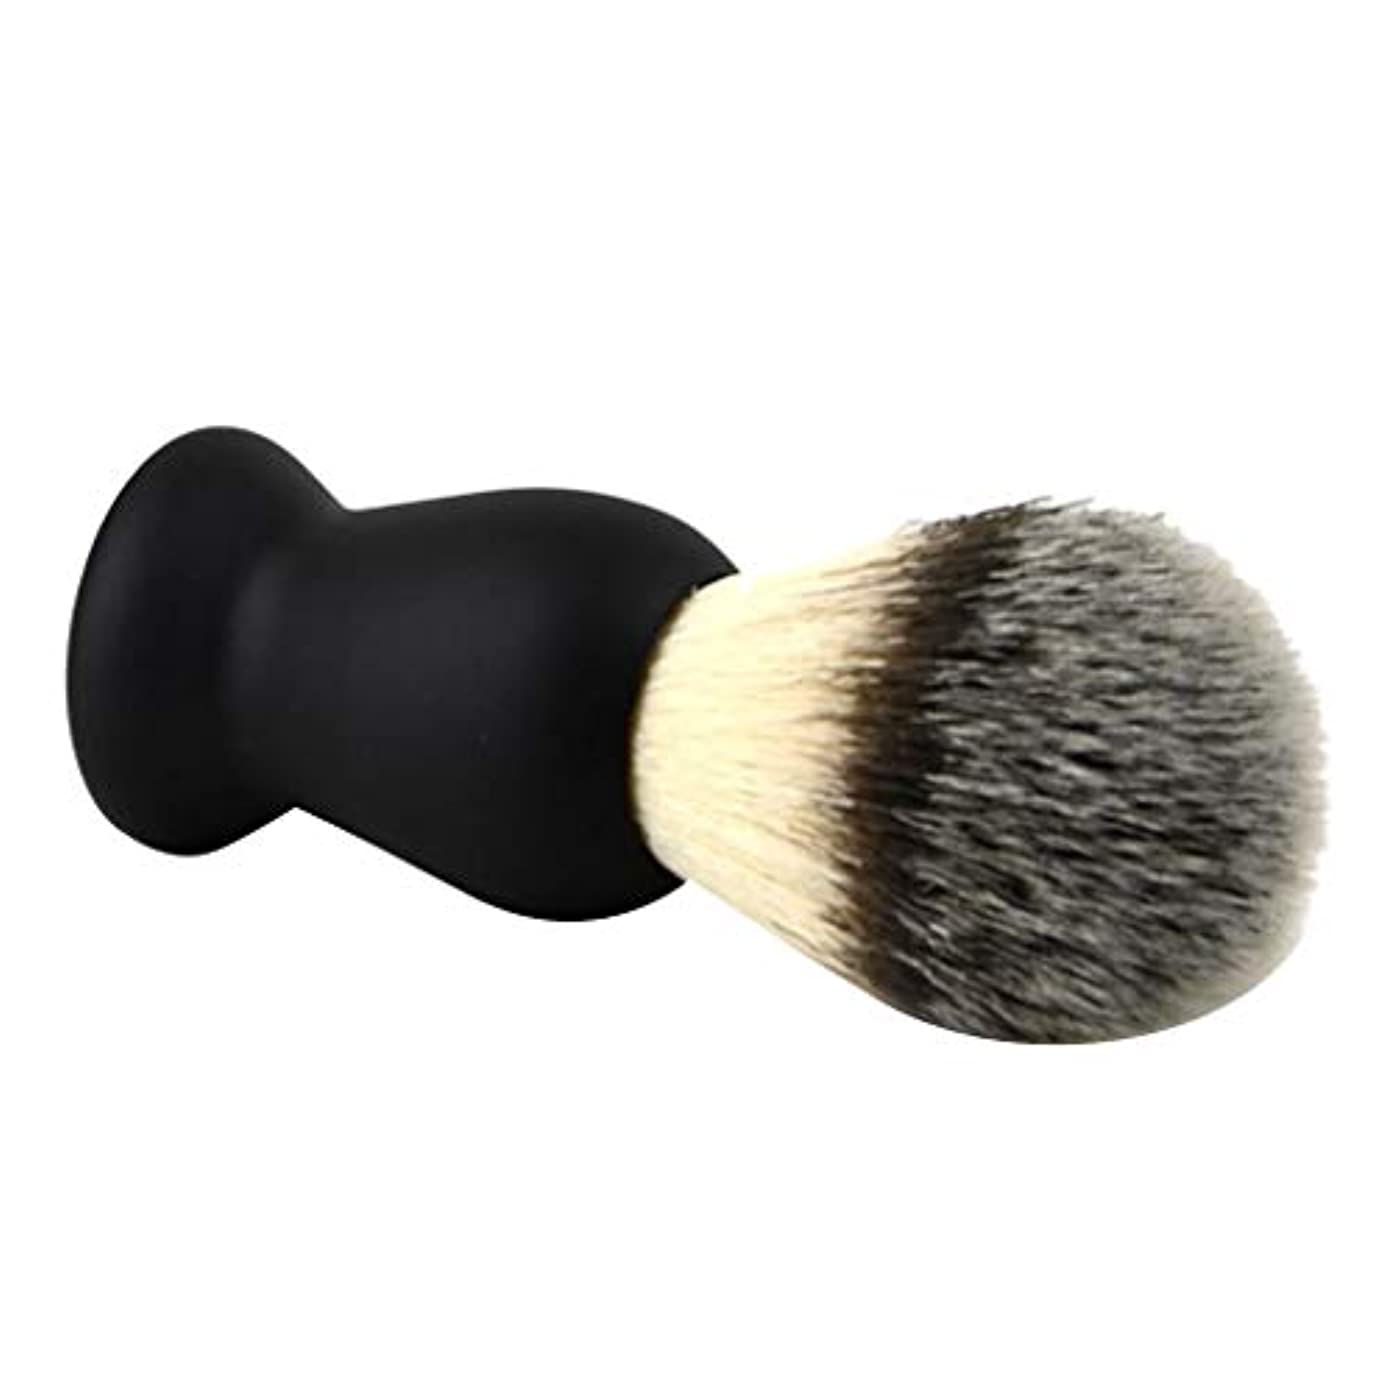 誇張ものなぜならdailymall シェービングブラシ メンズ ひげブラシ 剃毛ブラシ ひげ剃り 理容 洗顔 理髪剃毛ツール